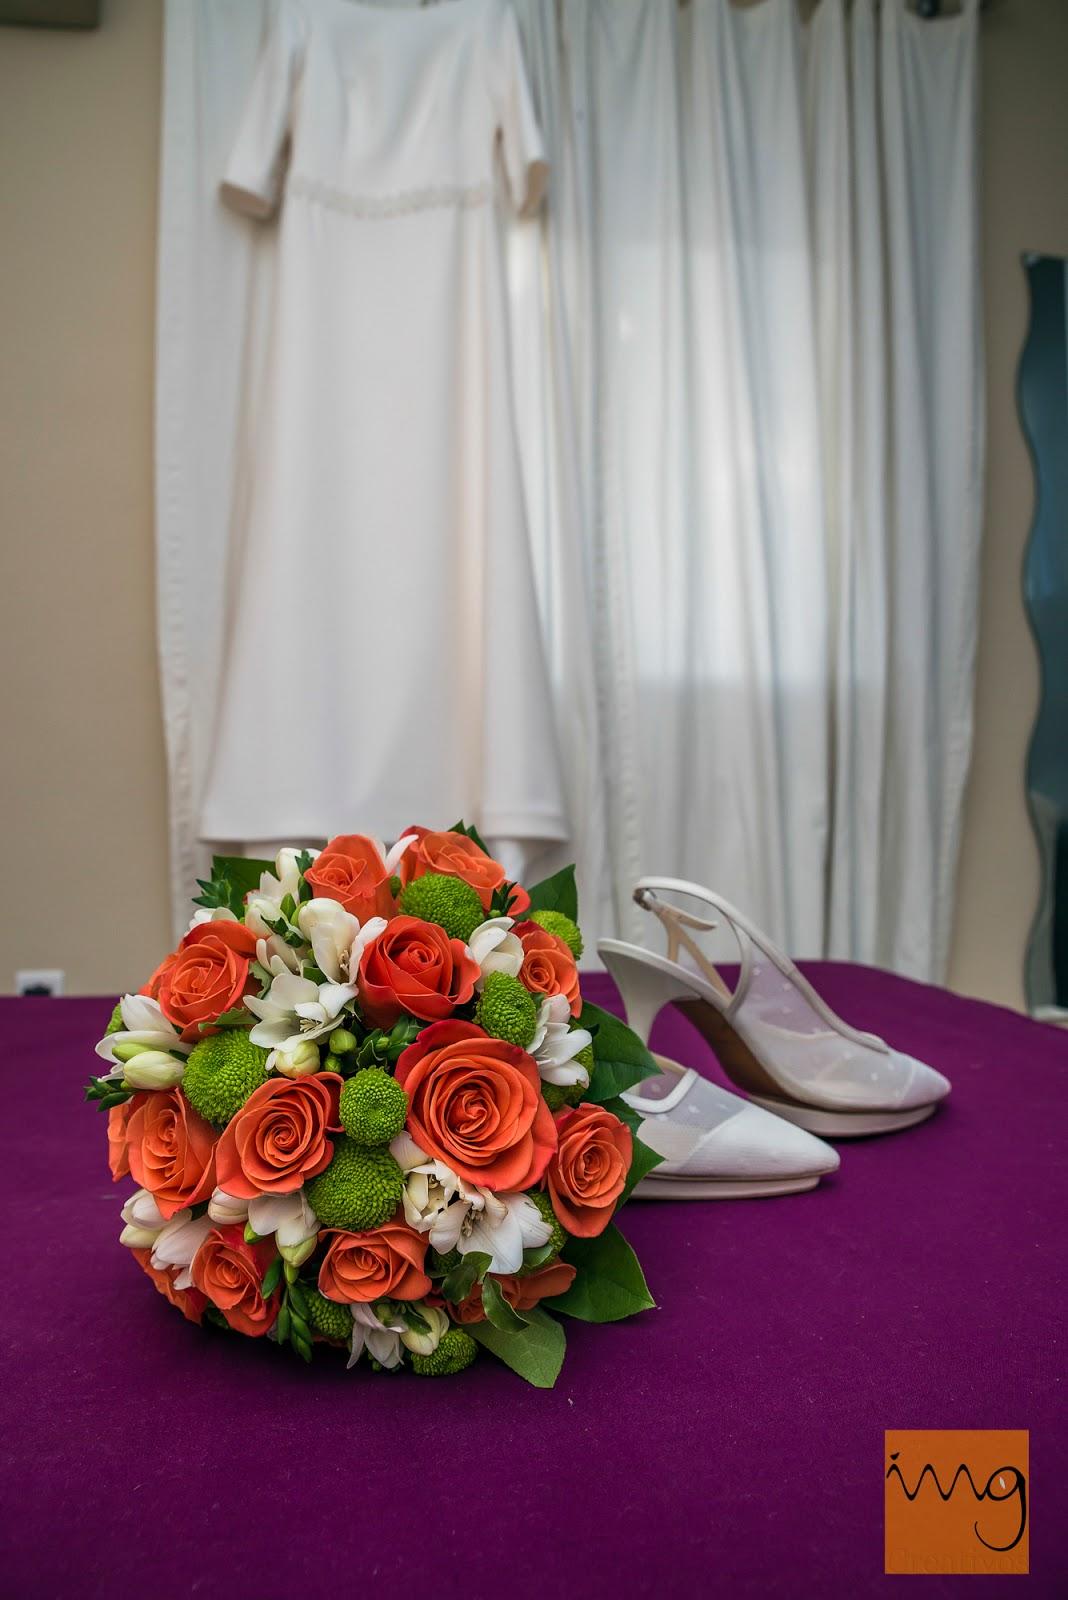 Fotos de detalle del ramo de novia